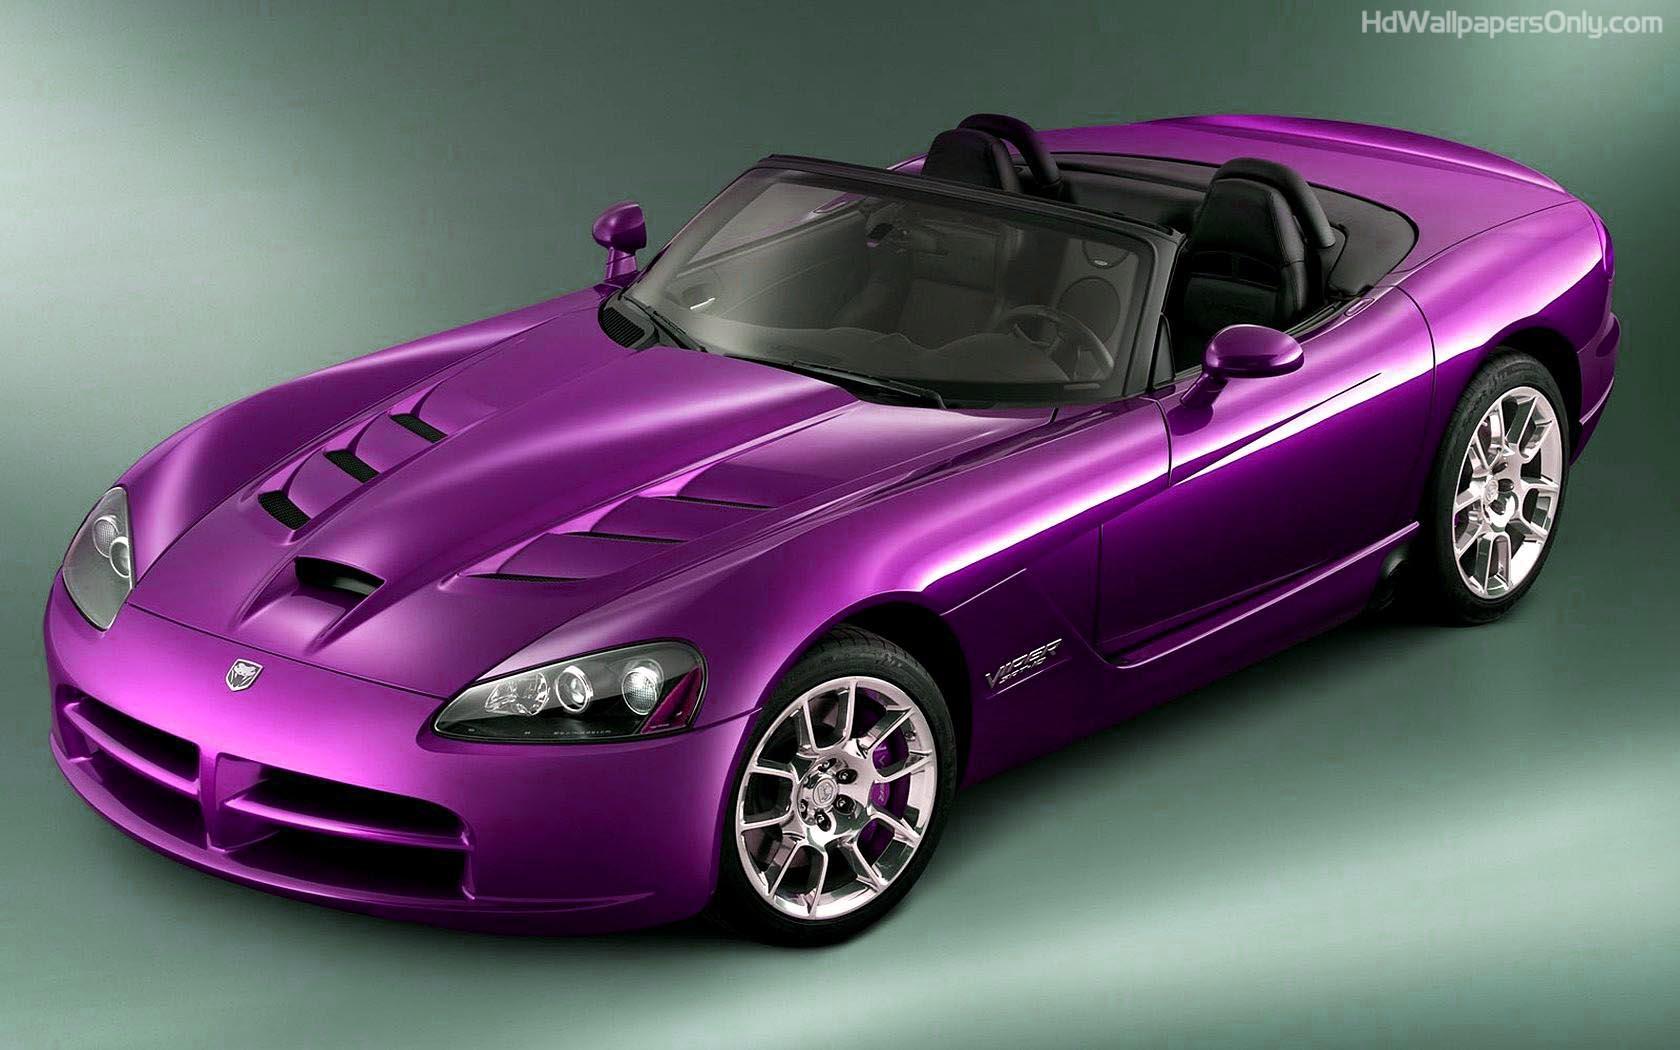 pink and black sports cars 5 desktop background. Black Bedroom Furniture Sets. Home Design Ideas